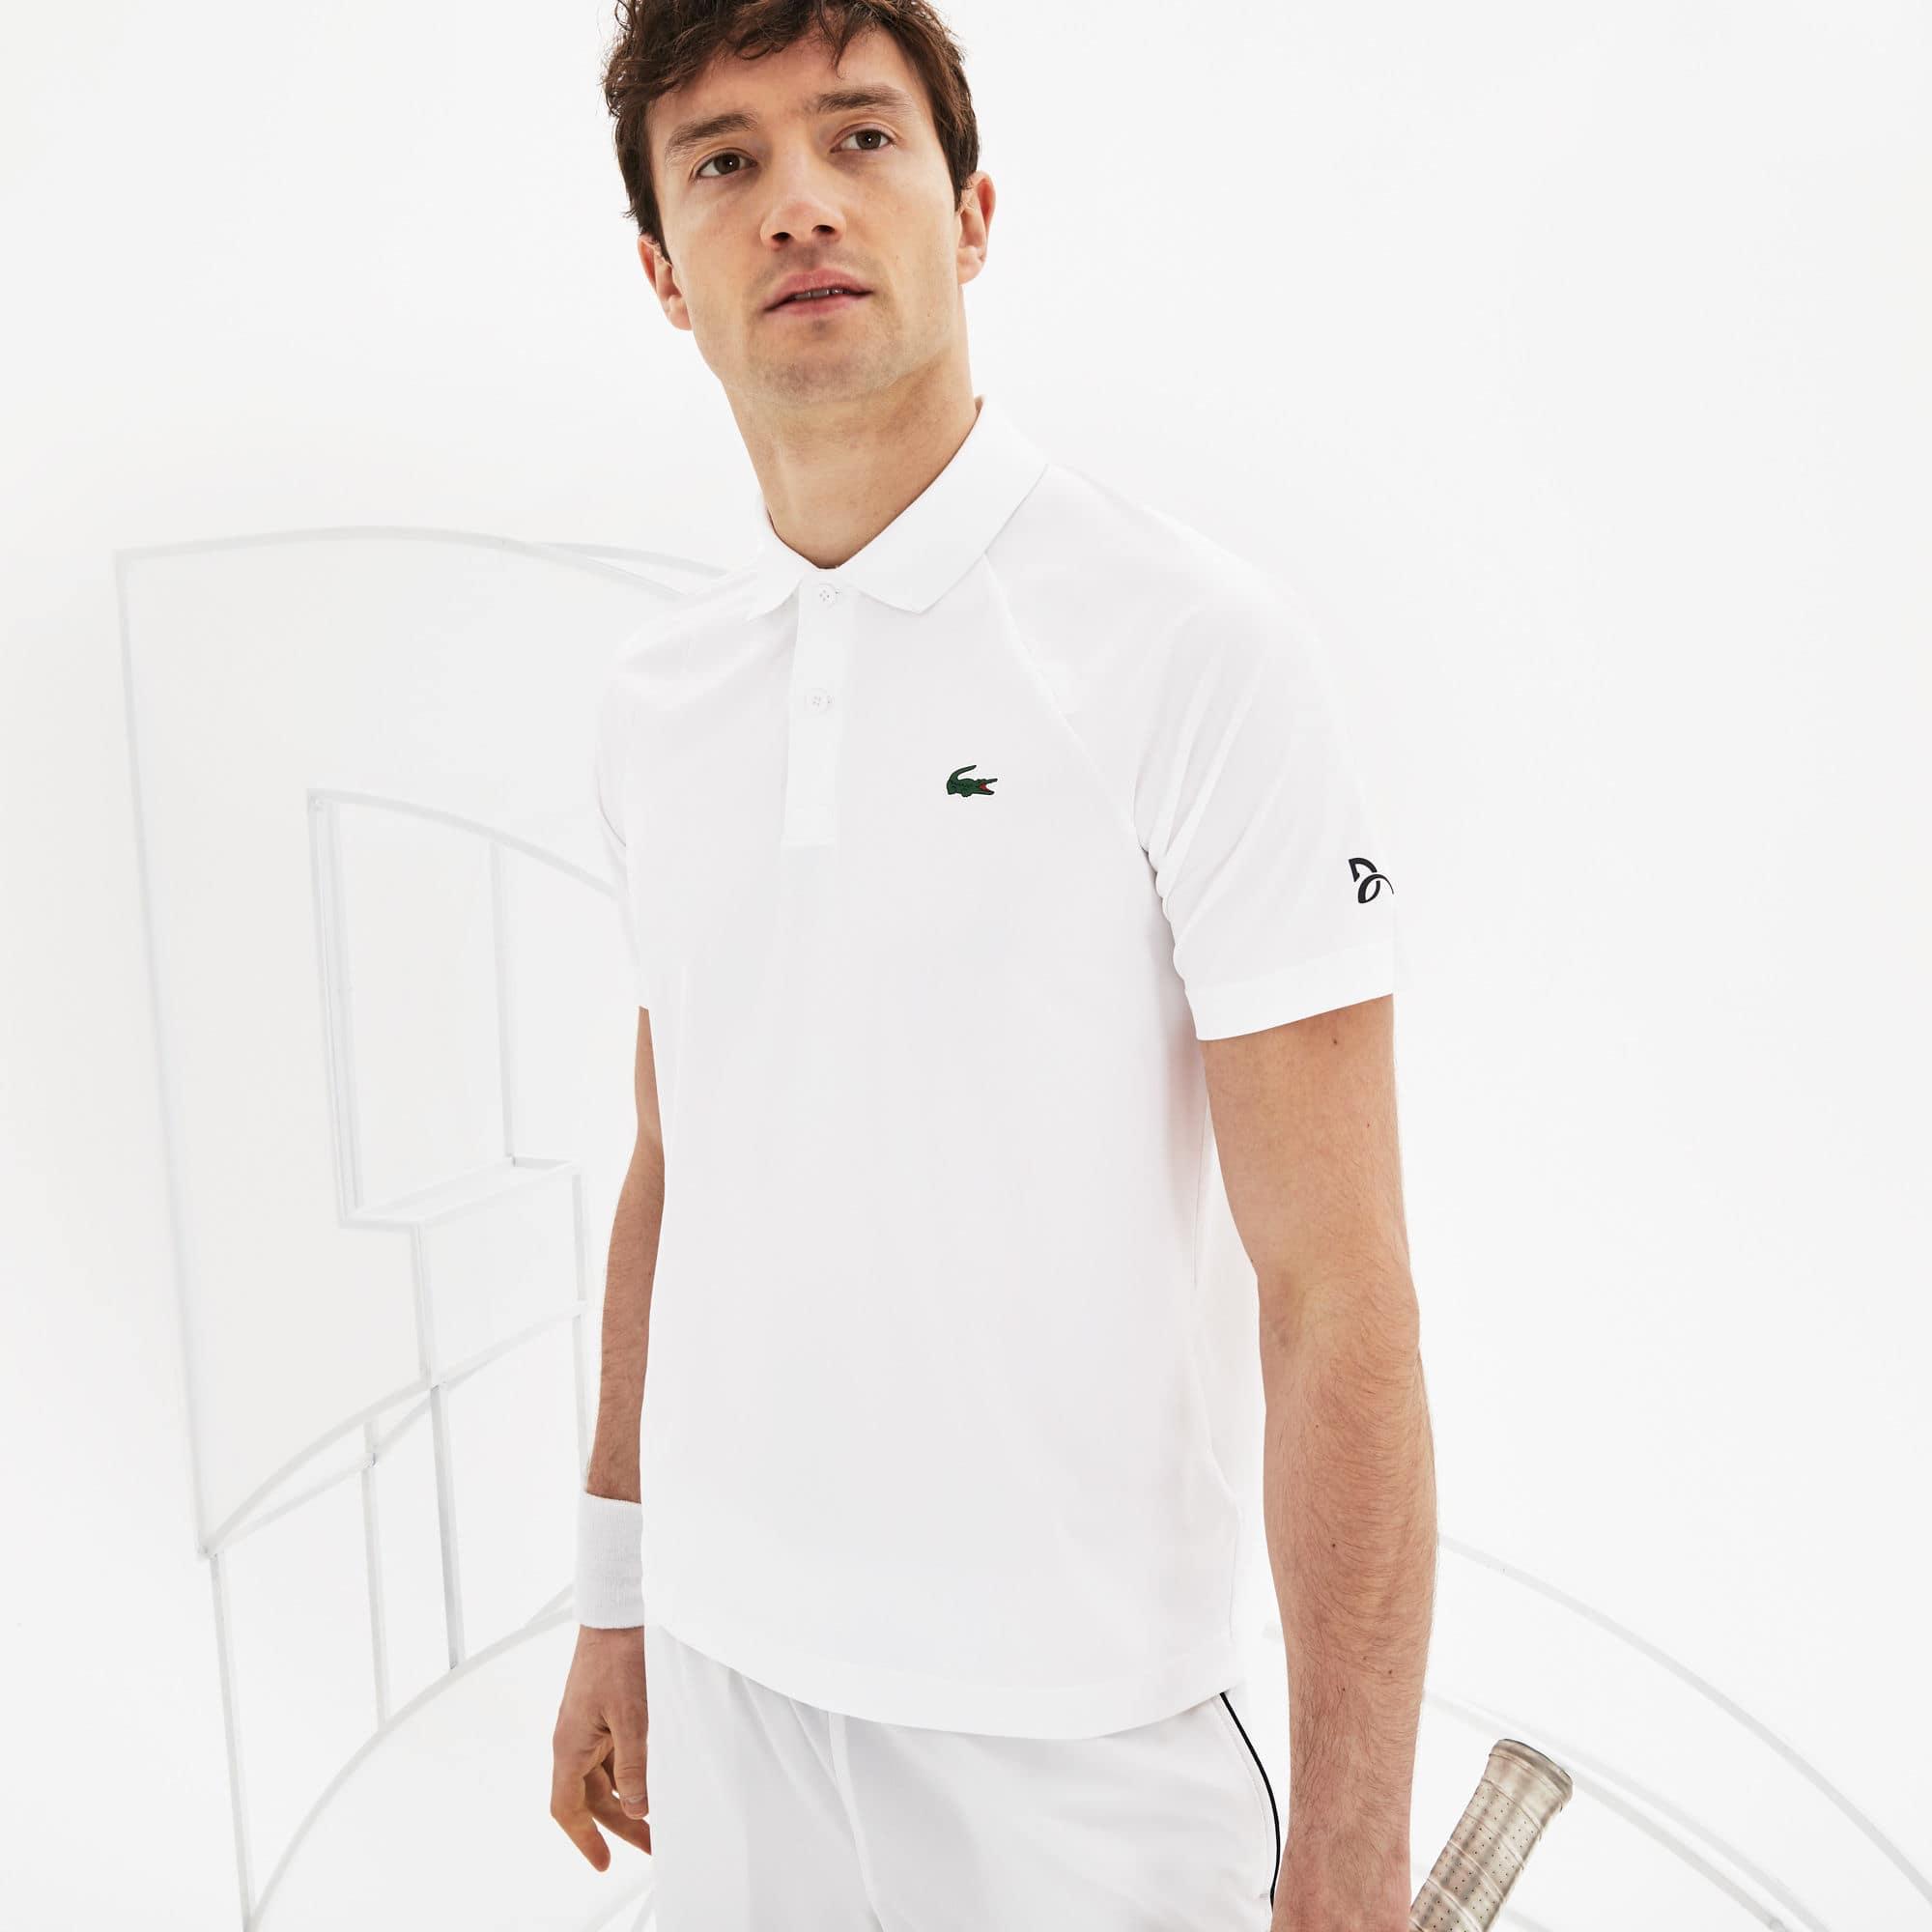 c682d710 Men's Clothing on Sale| LACOSTE